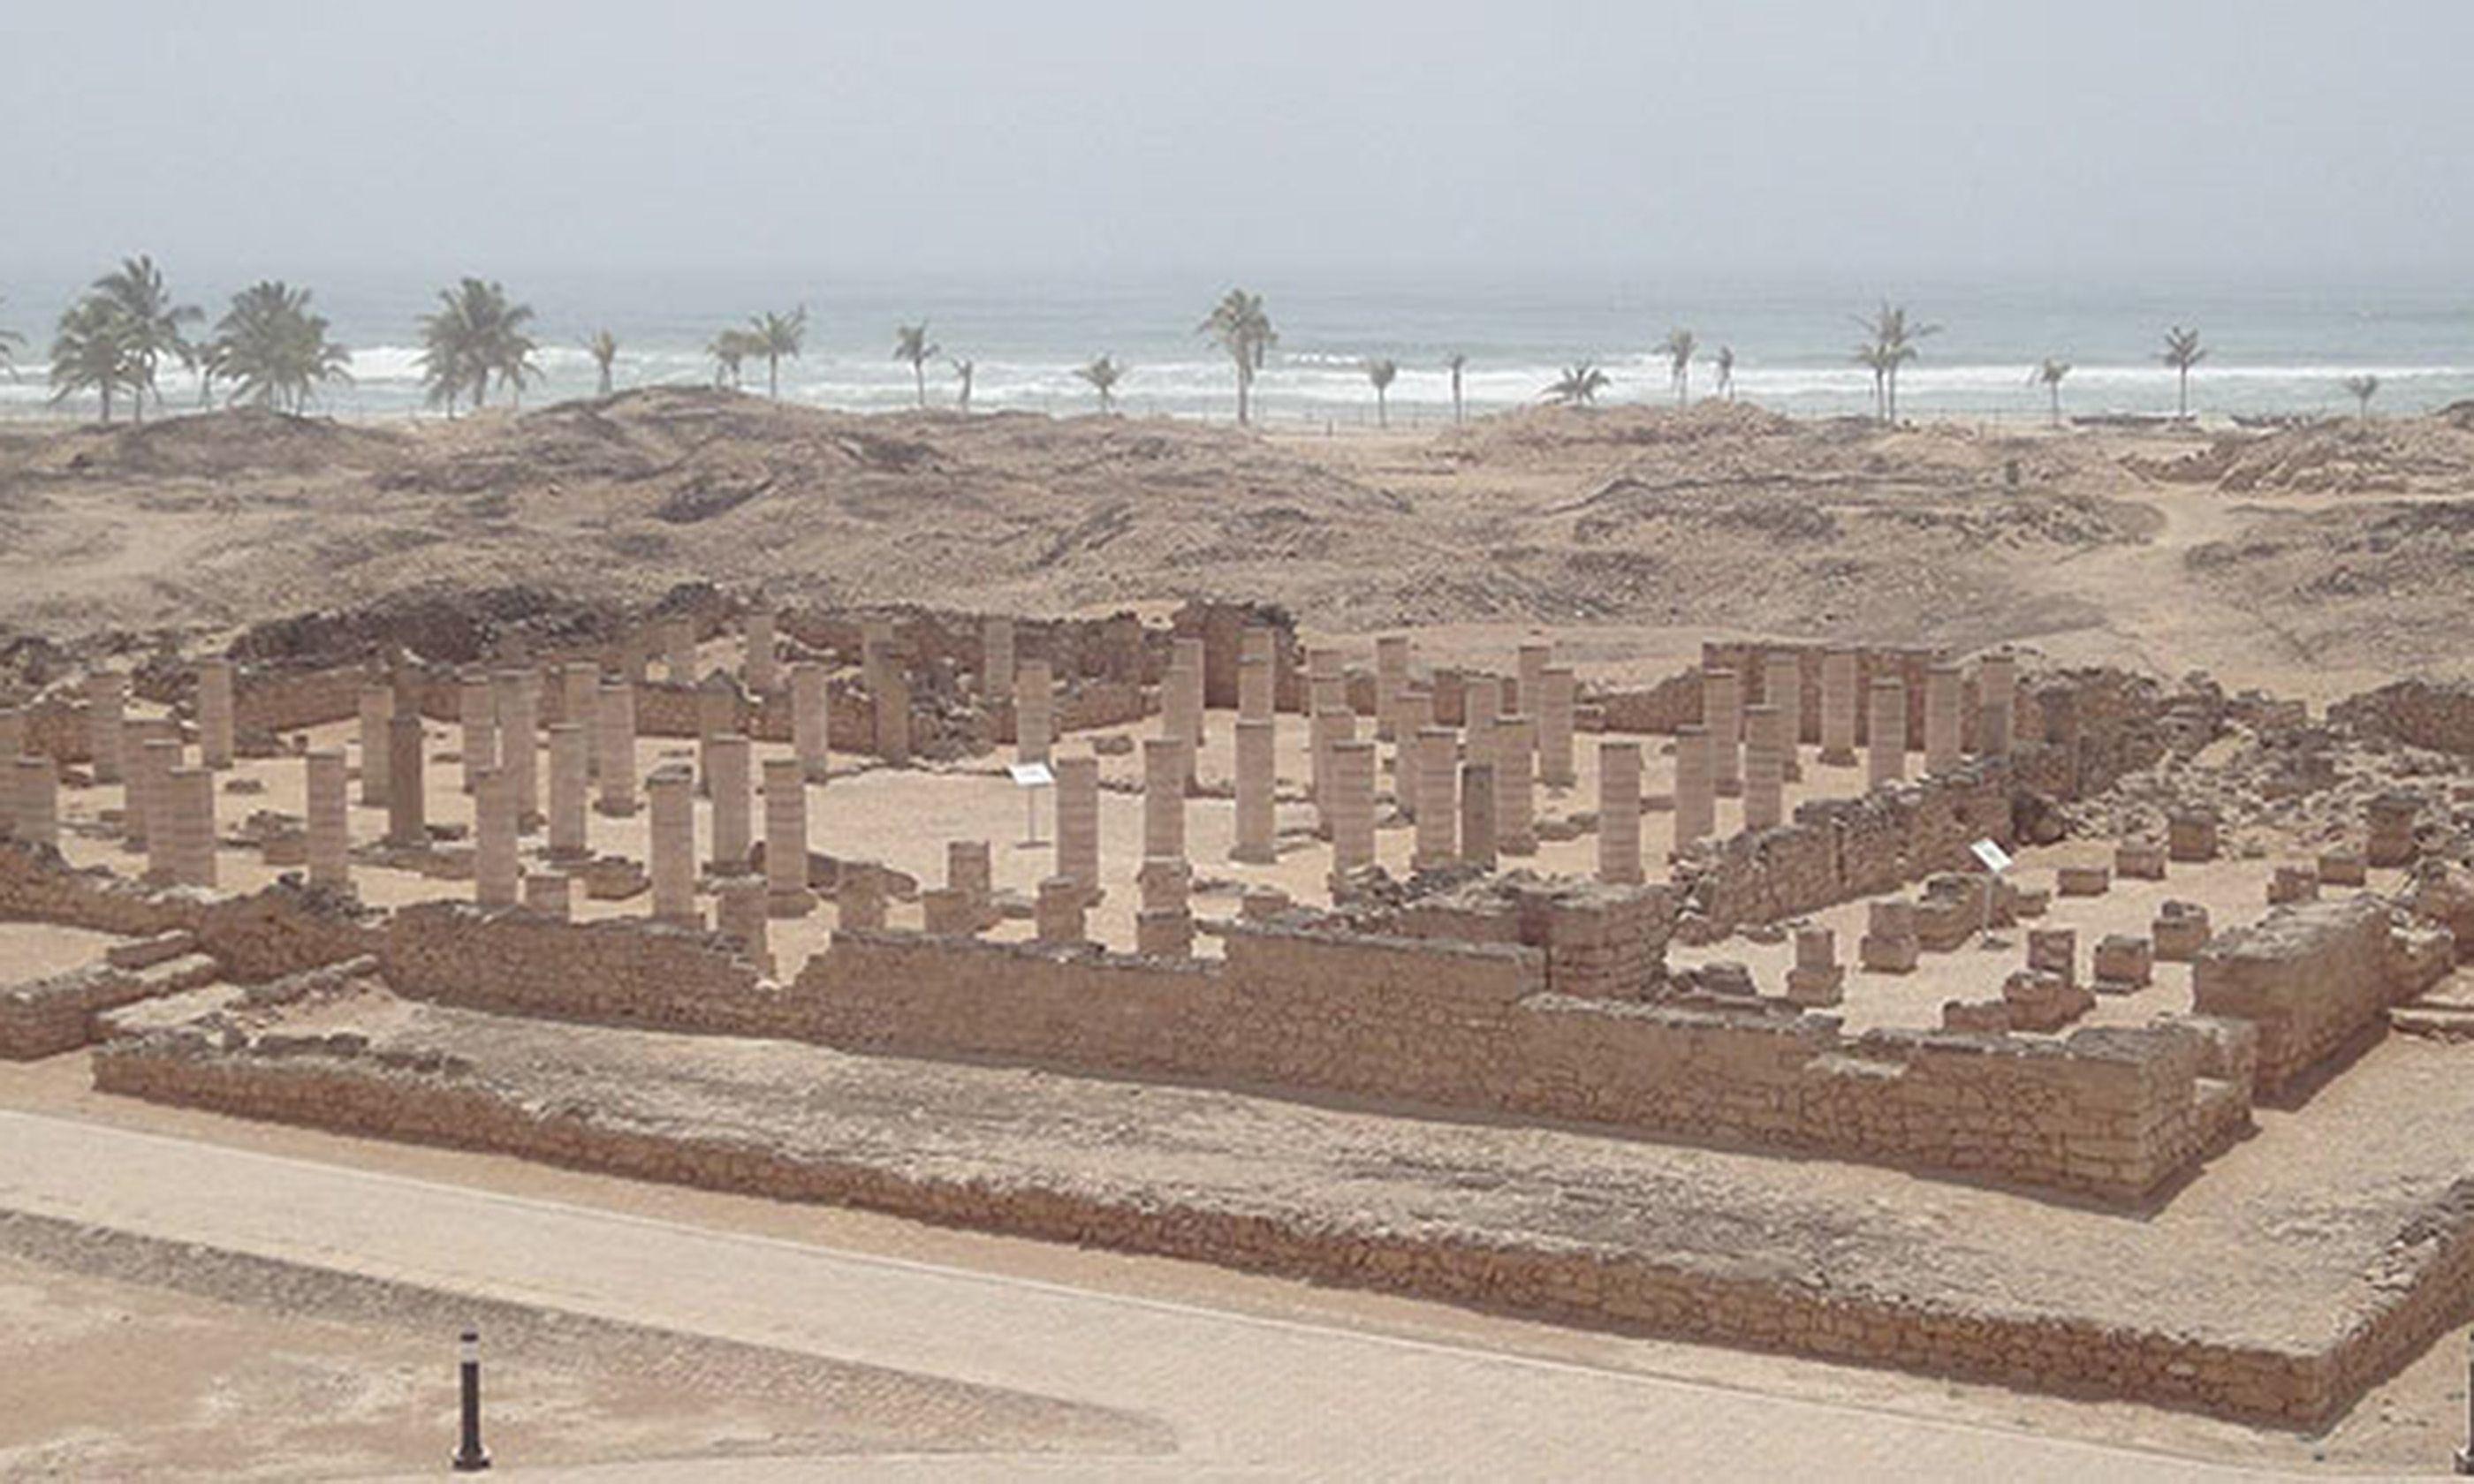 Al-Baleed ruins (Joāo Leitão)